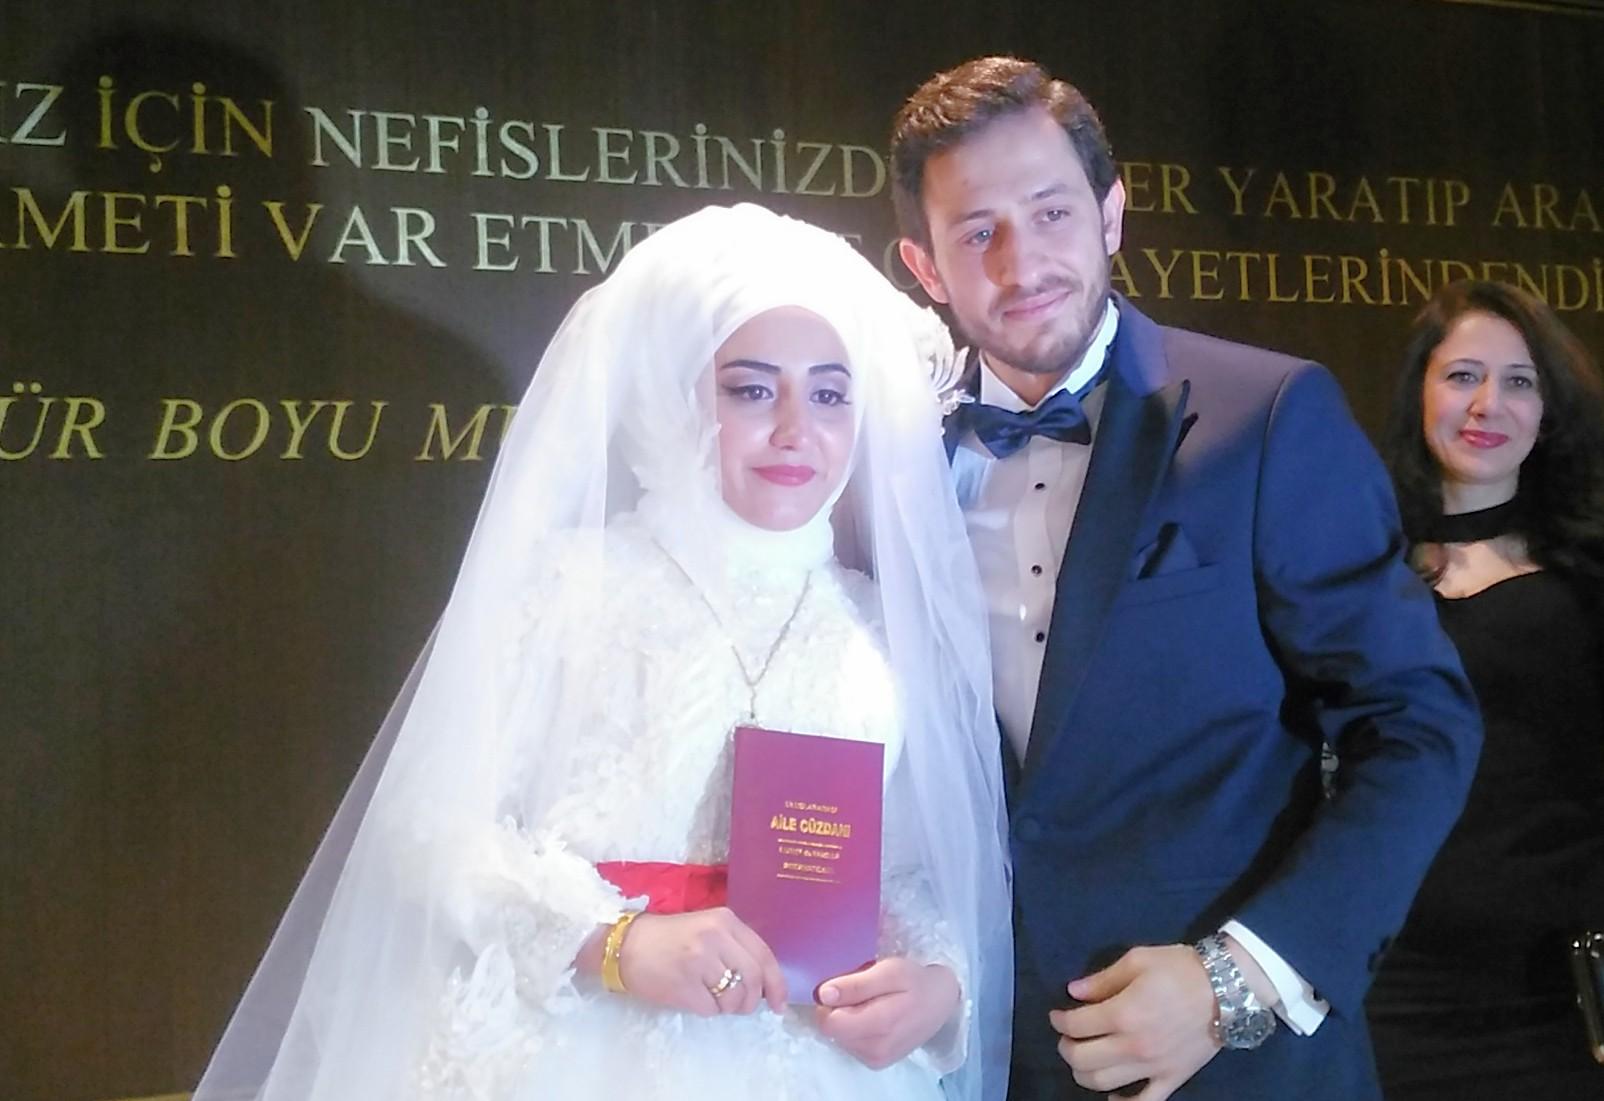 İçimizden biri Uğur Şahin hayatını Ebru Gözel ile birleştirerek Dünya evine girdi